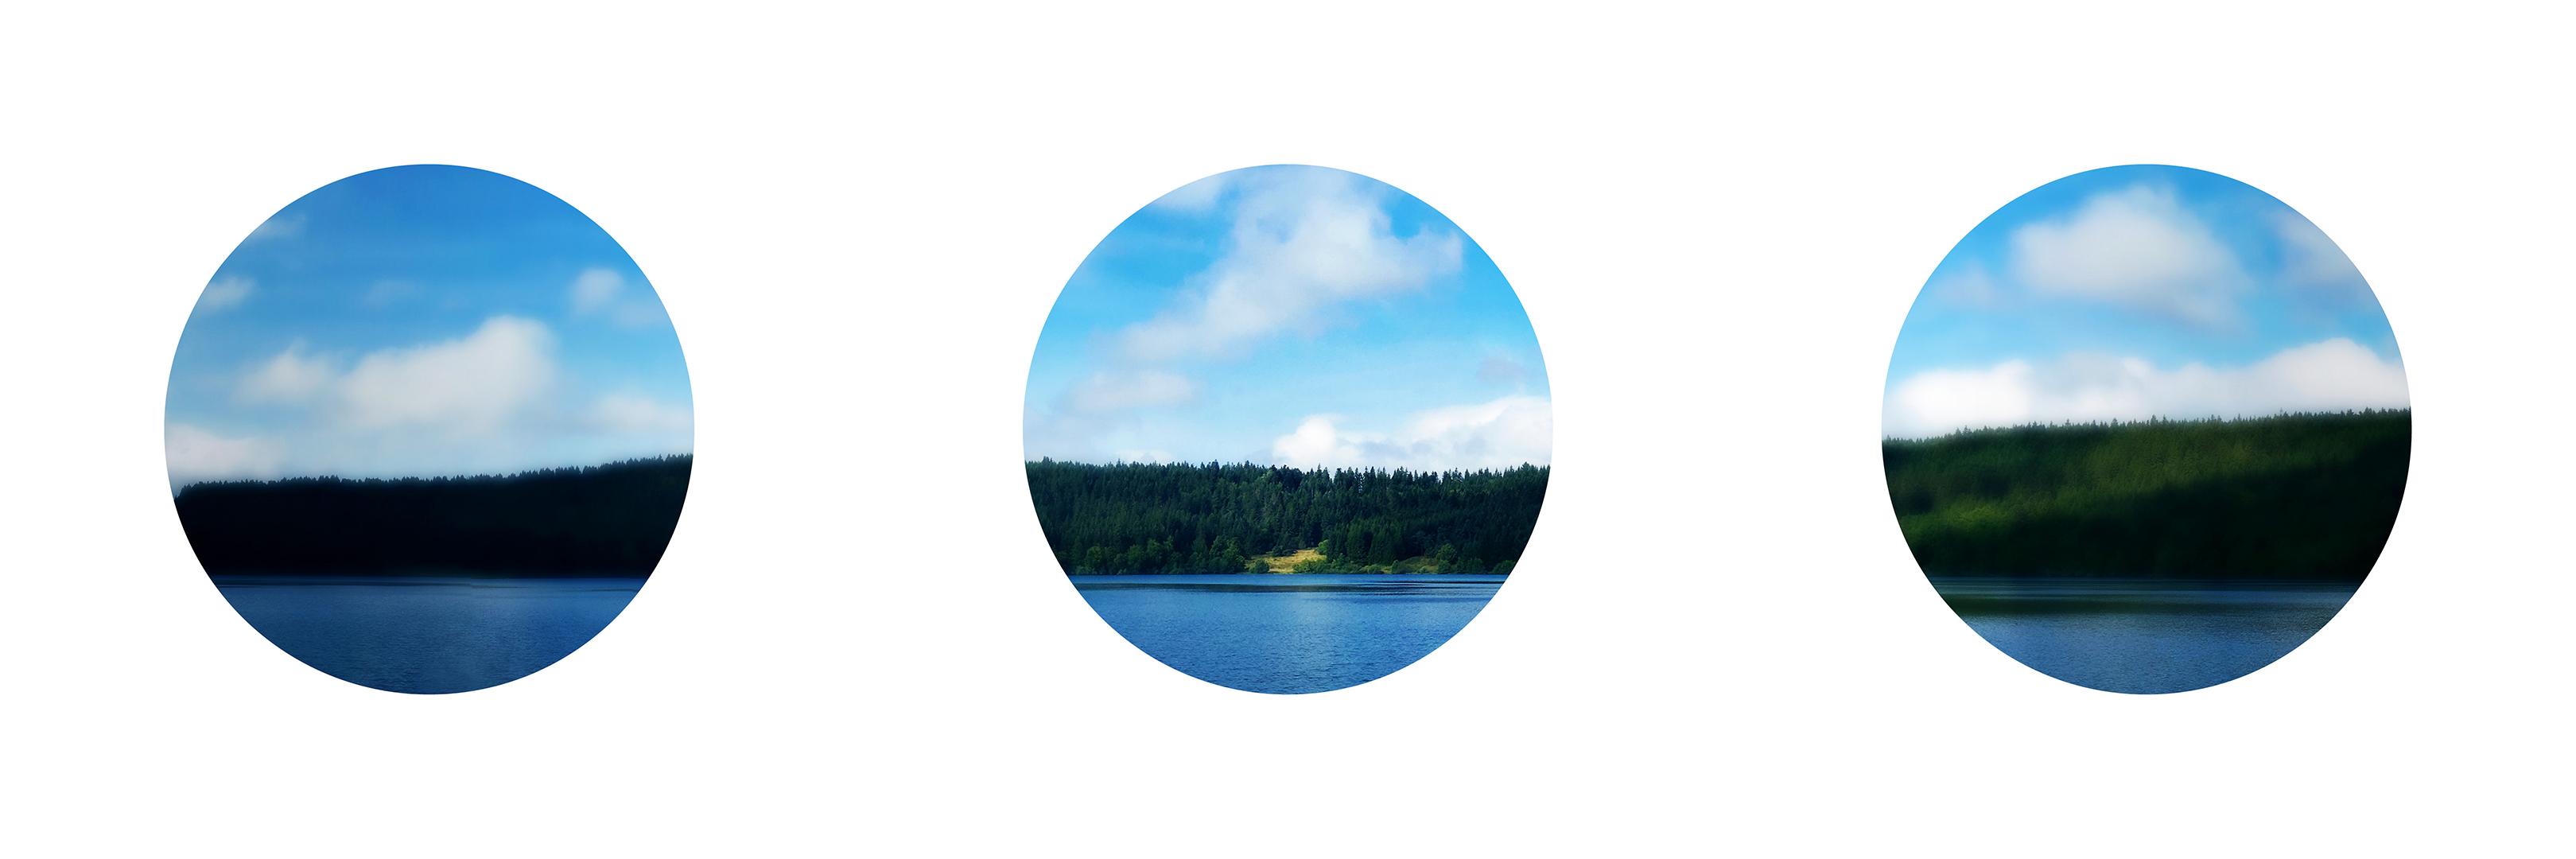 07.ellipsis